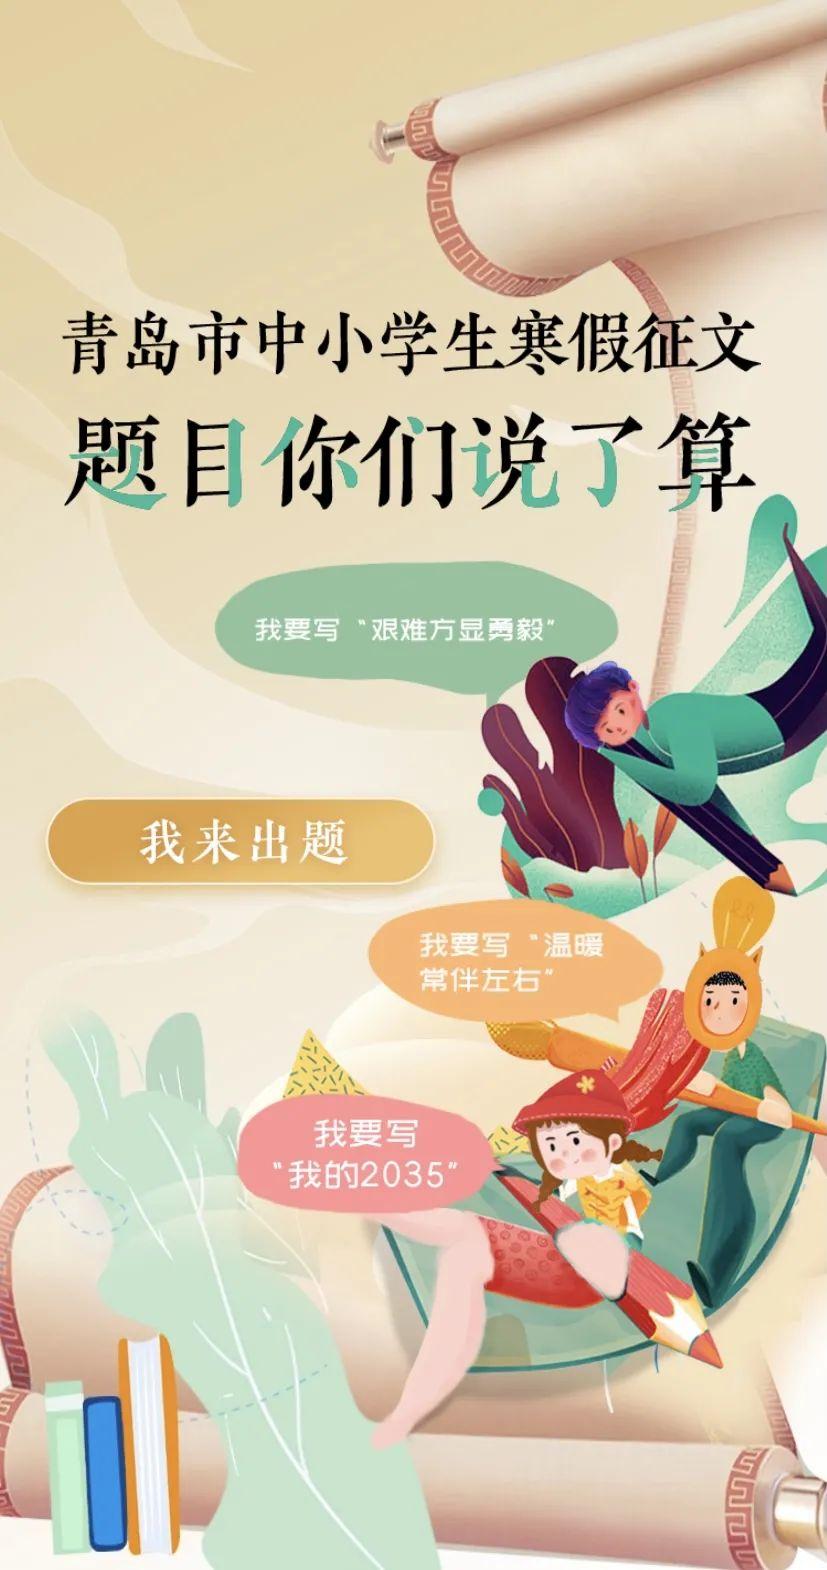 青岛市中小学生寒假征文,题目你们说了算!